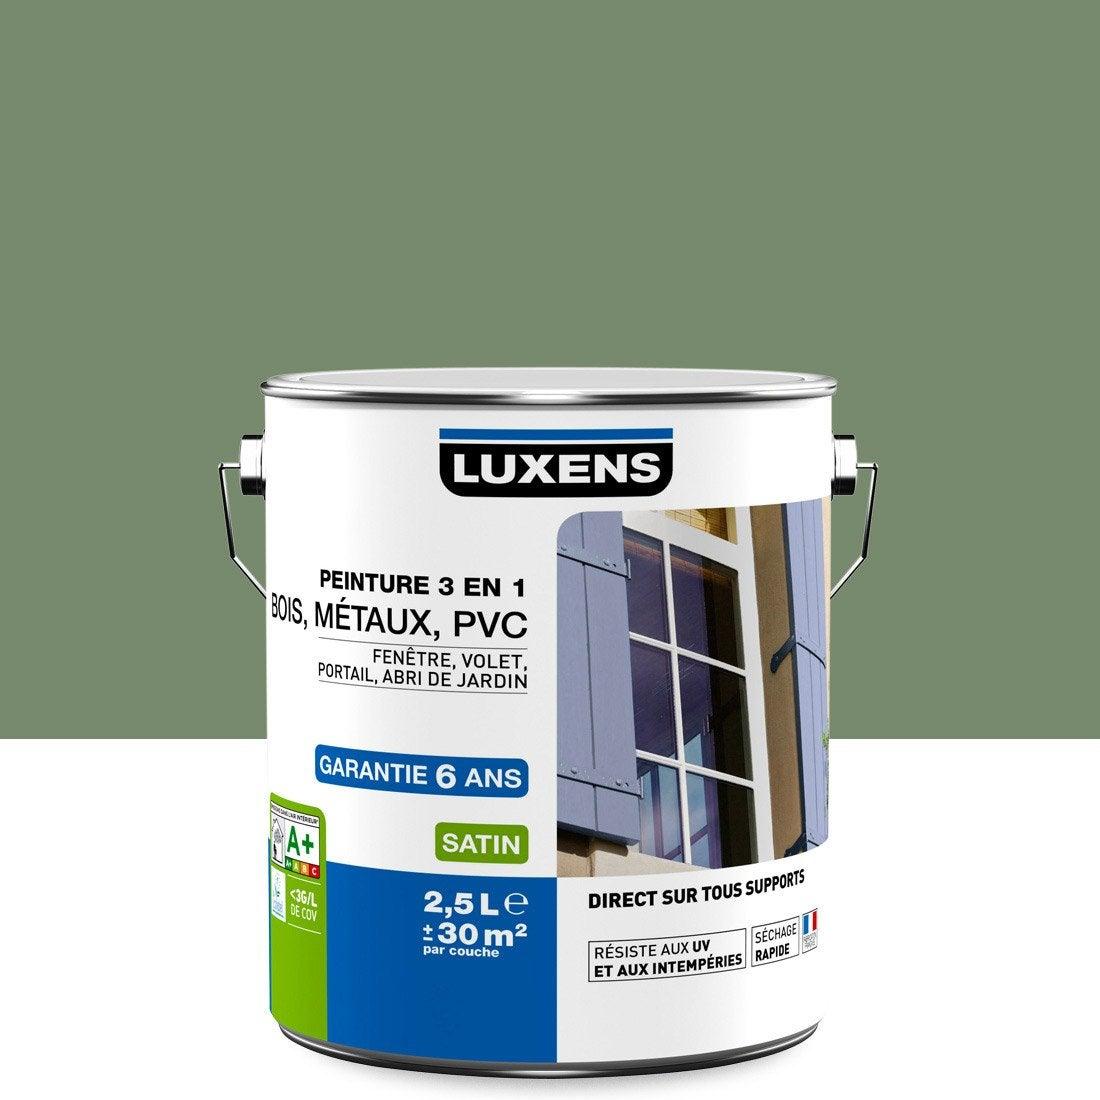 Affordable Peinture Extrieur En Luxens Vert Olivier L Leroy Merlin With Peinture  Acrylique Pour Mur Exterieur